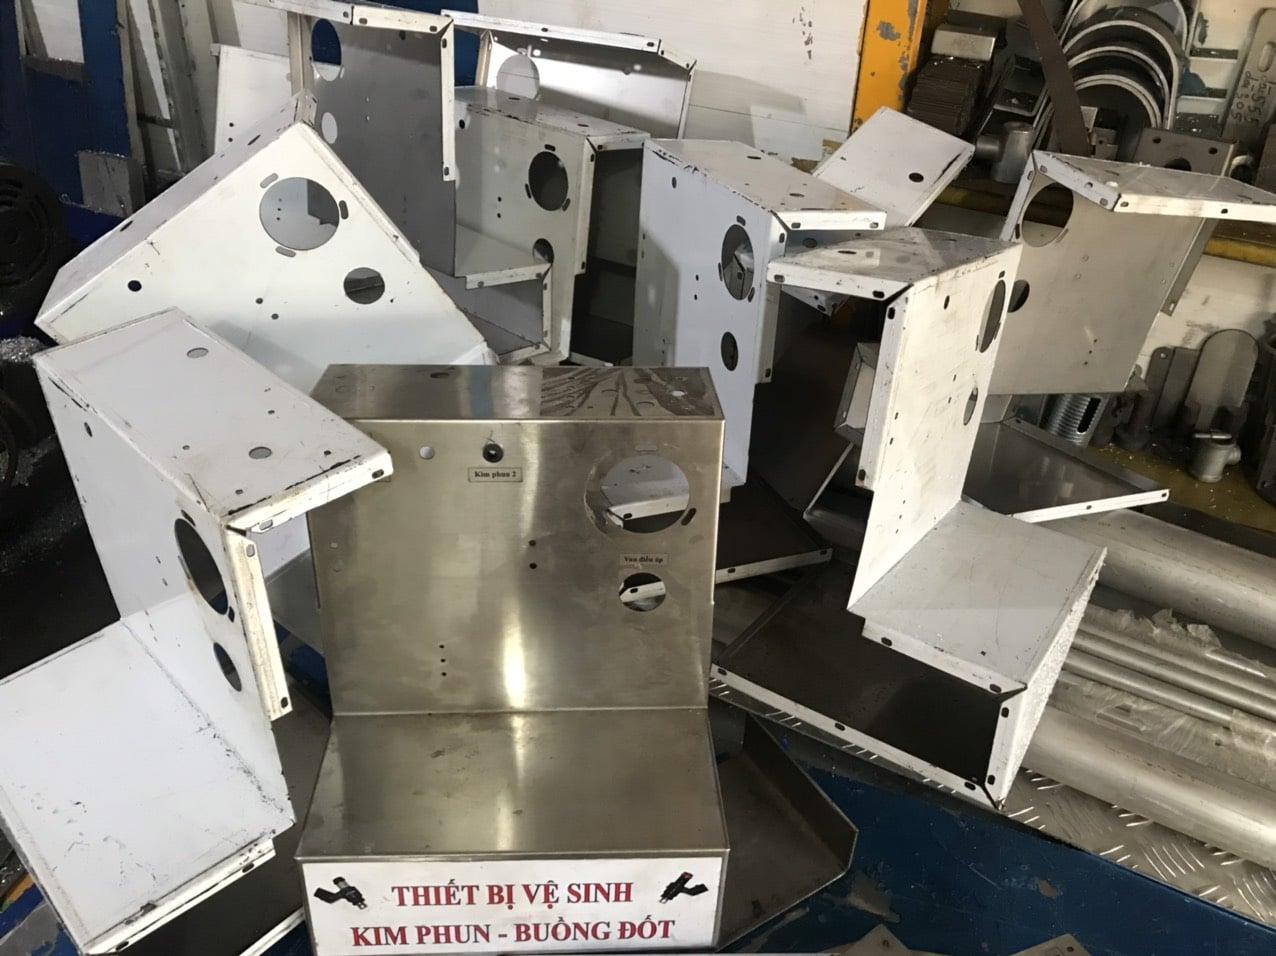 trần hùng nox dày 1mm , gia công cắt lazer, chấn